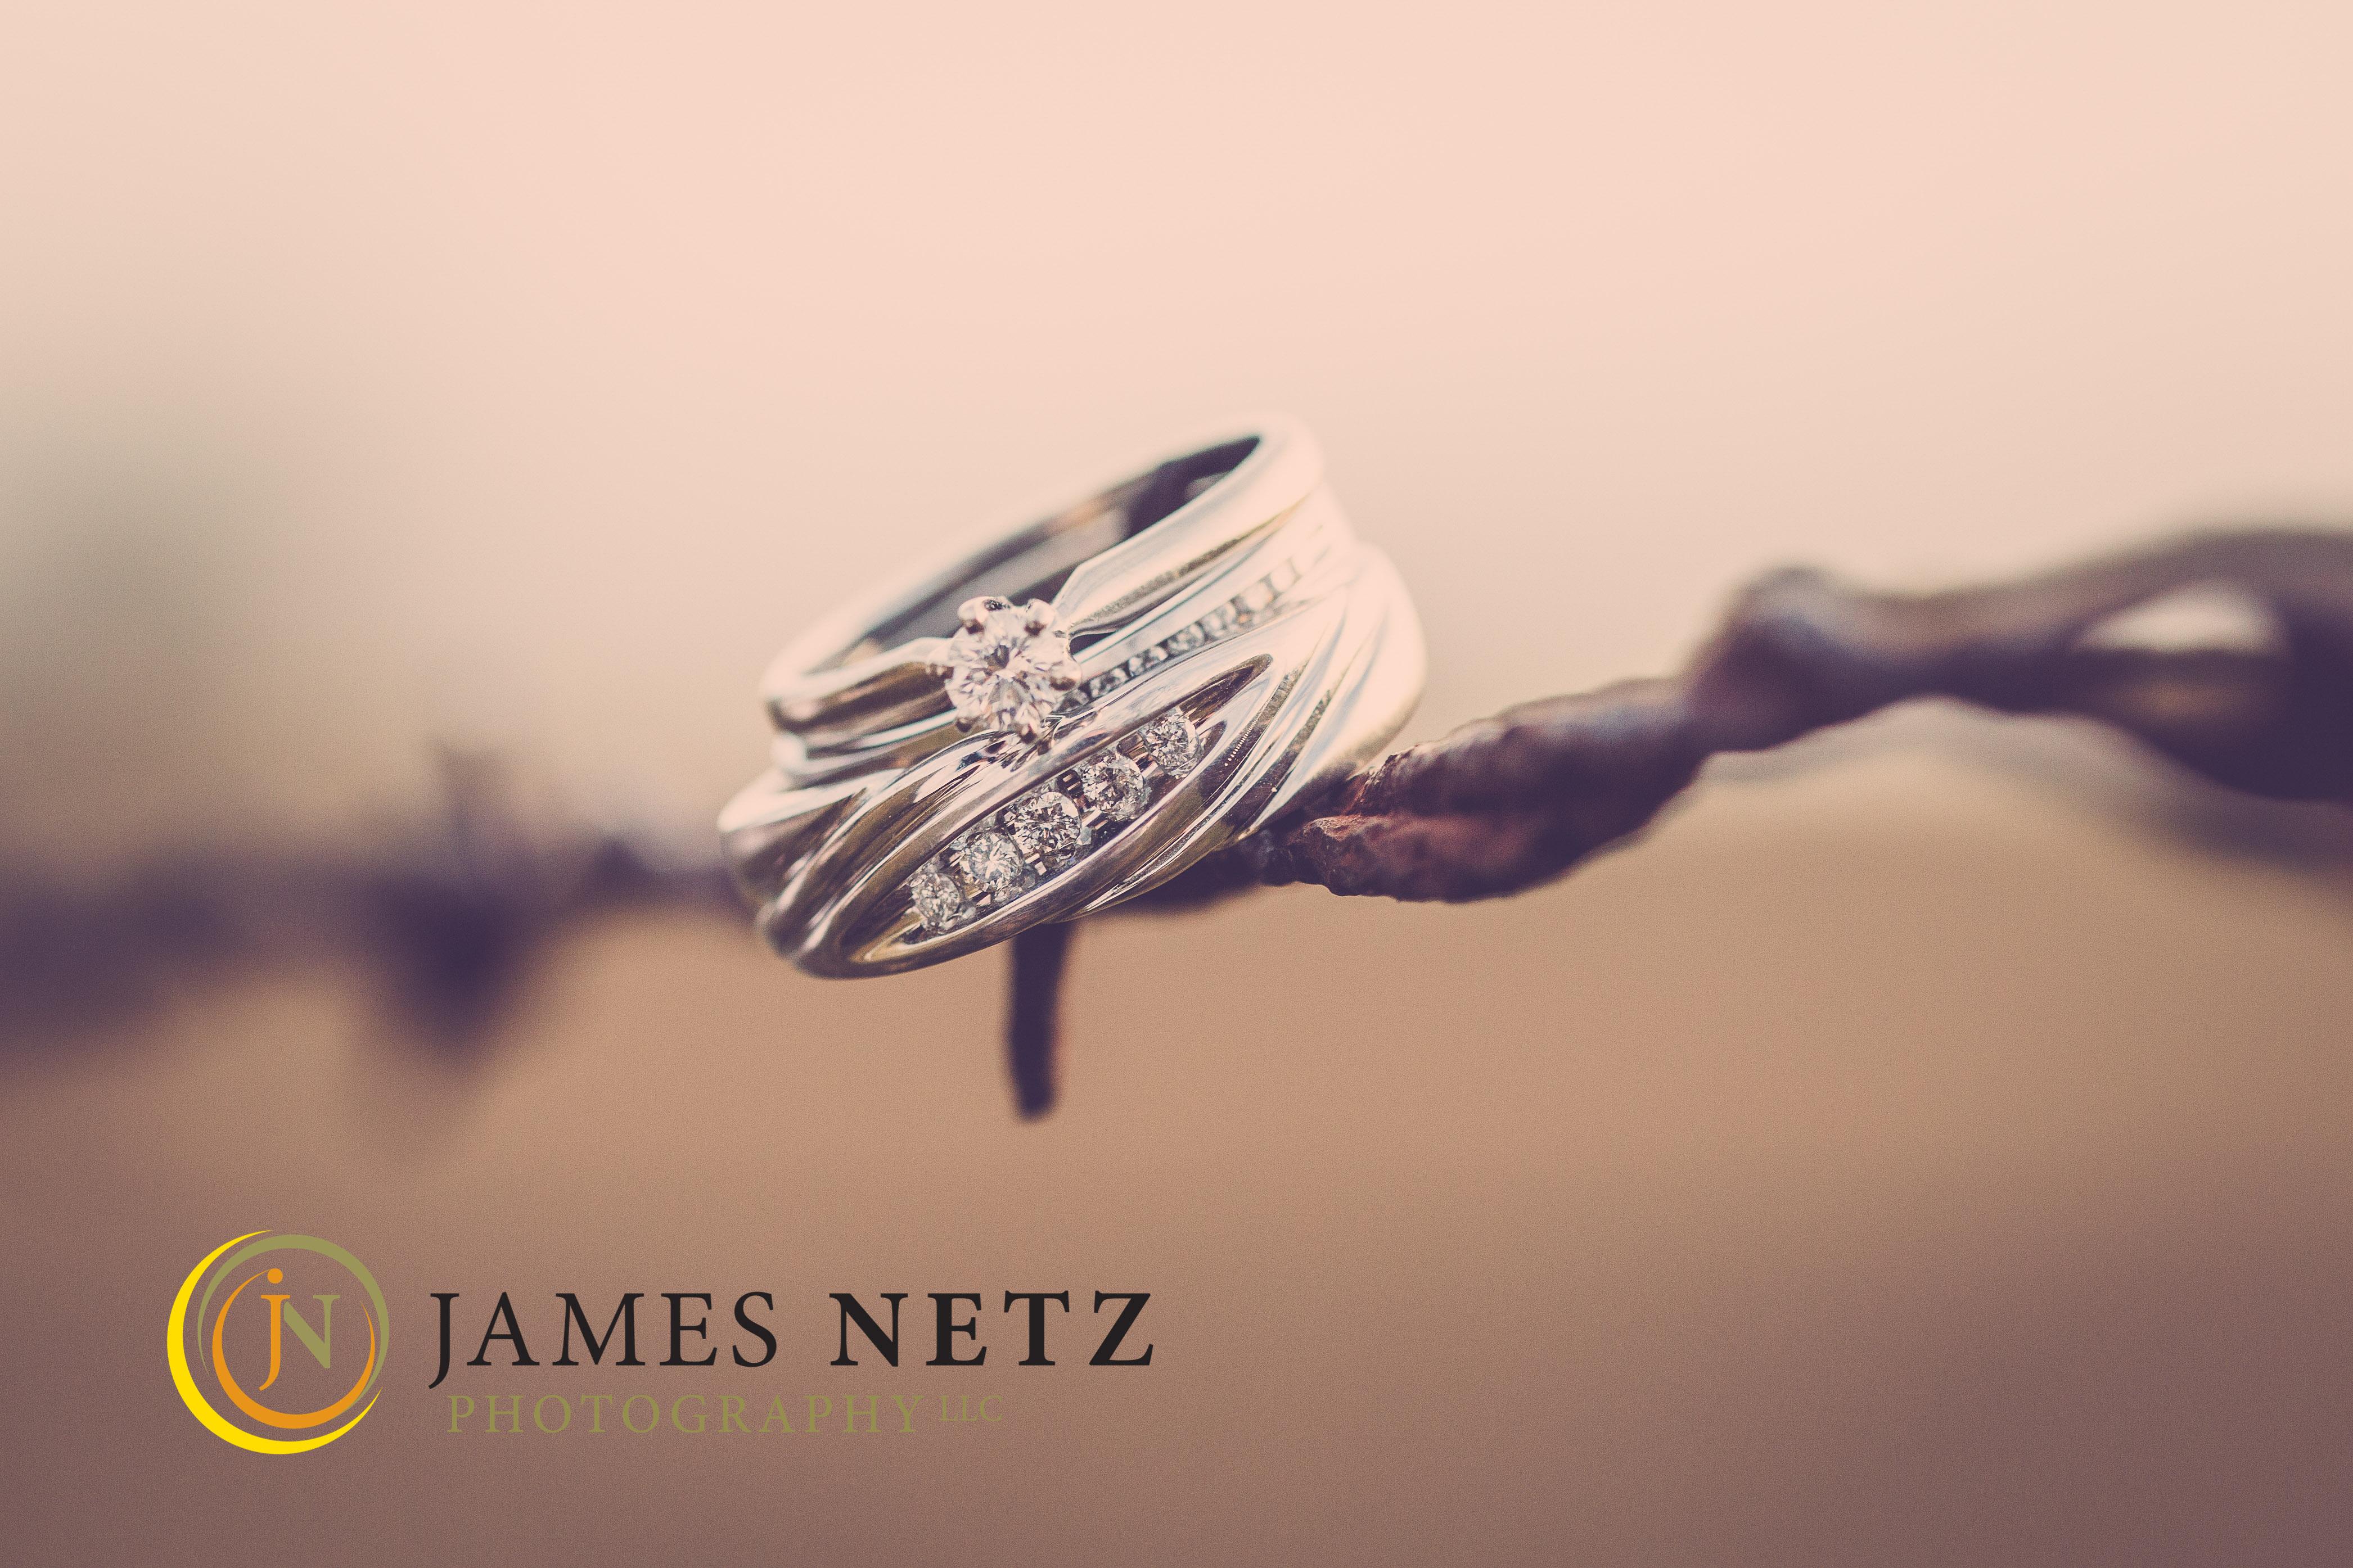 James Netz (c) P-2-5